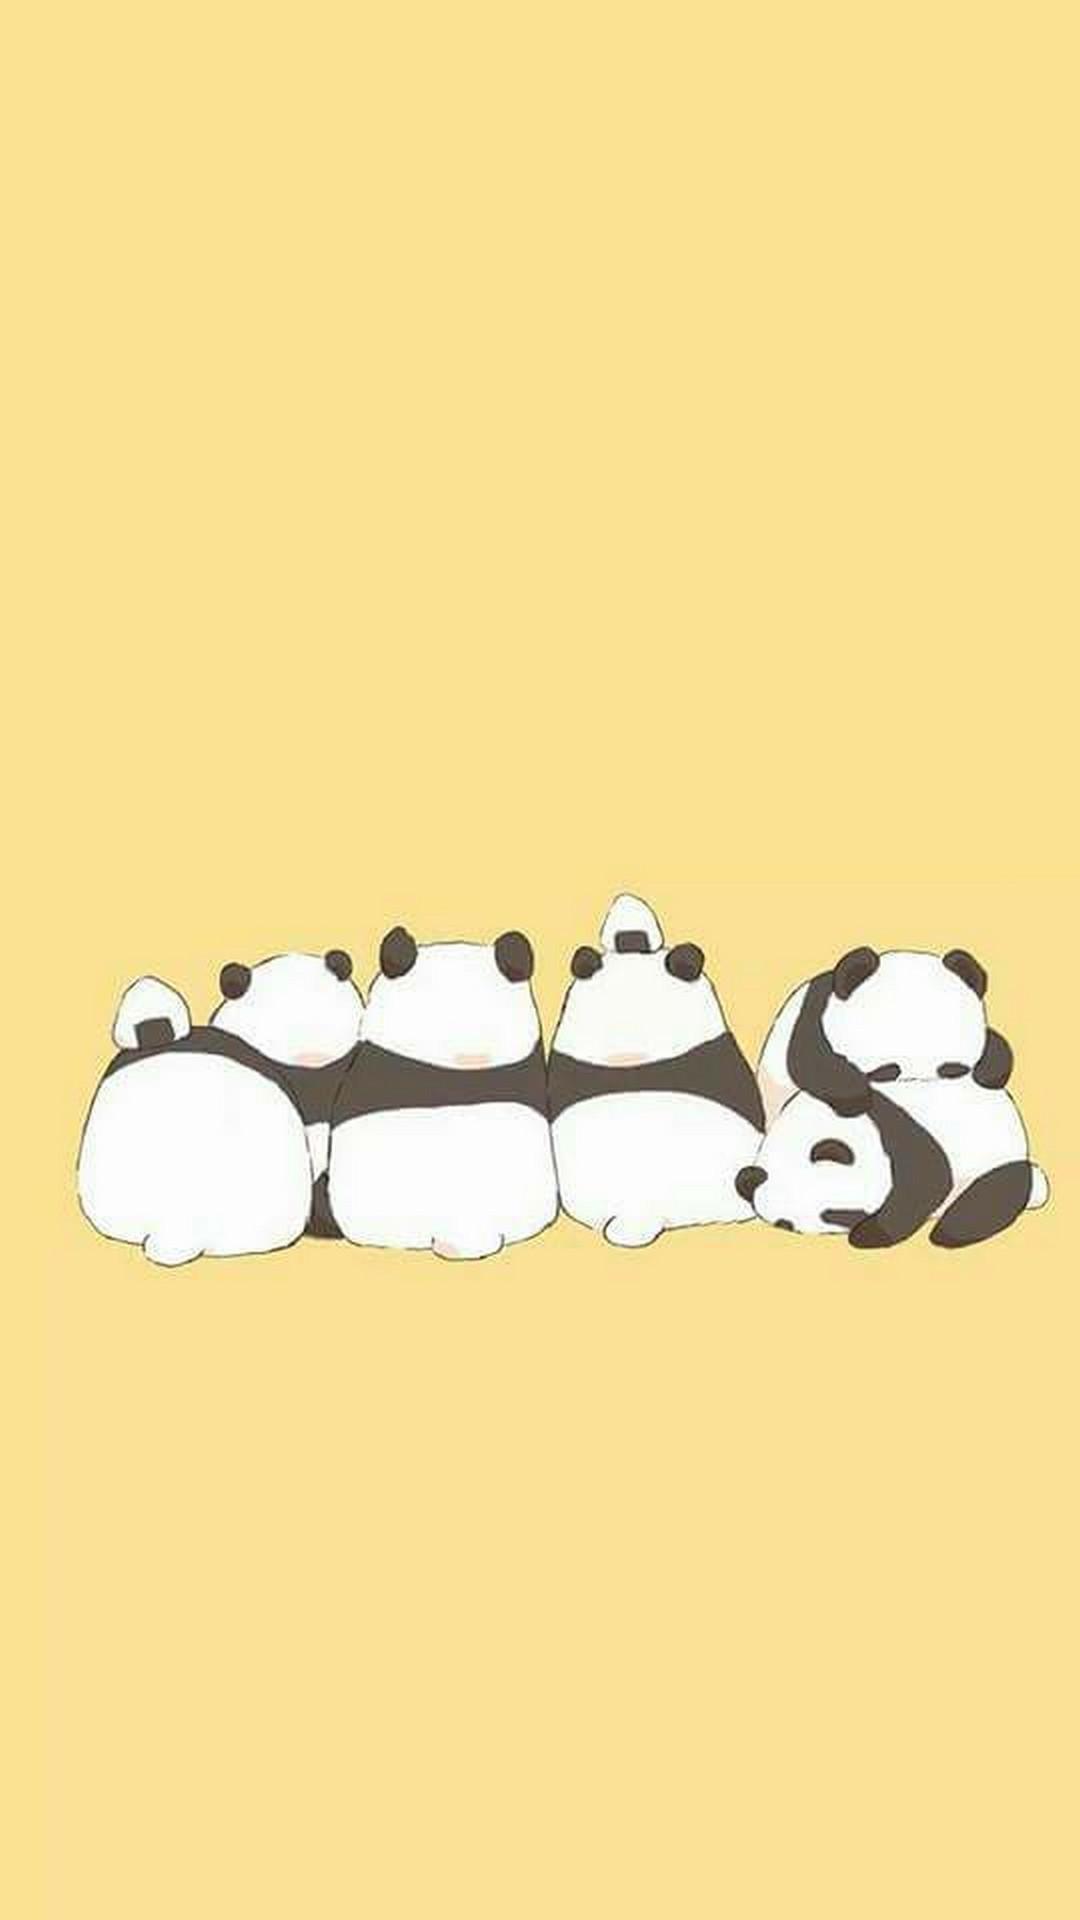 Panda Hd Wallpapers For Mobile Panda Wallpaper Ipad Cute 1080x1920 Download Hd Wallpaper Wallpapertip